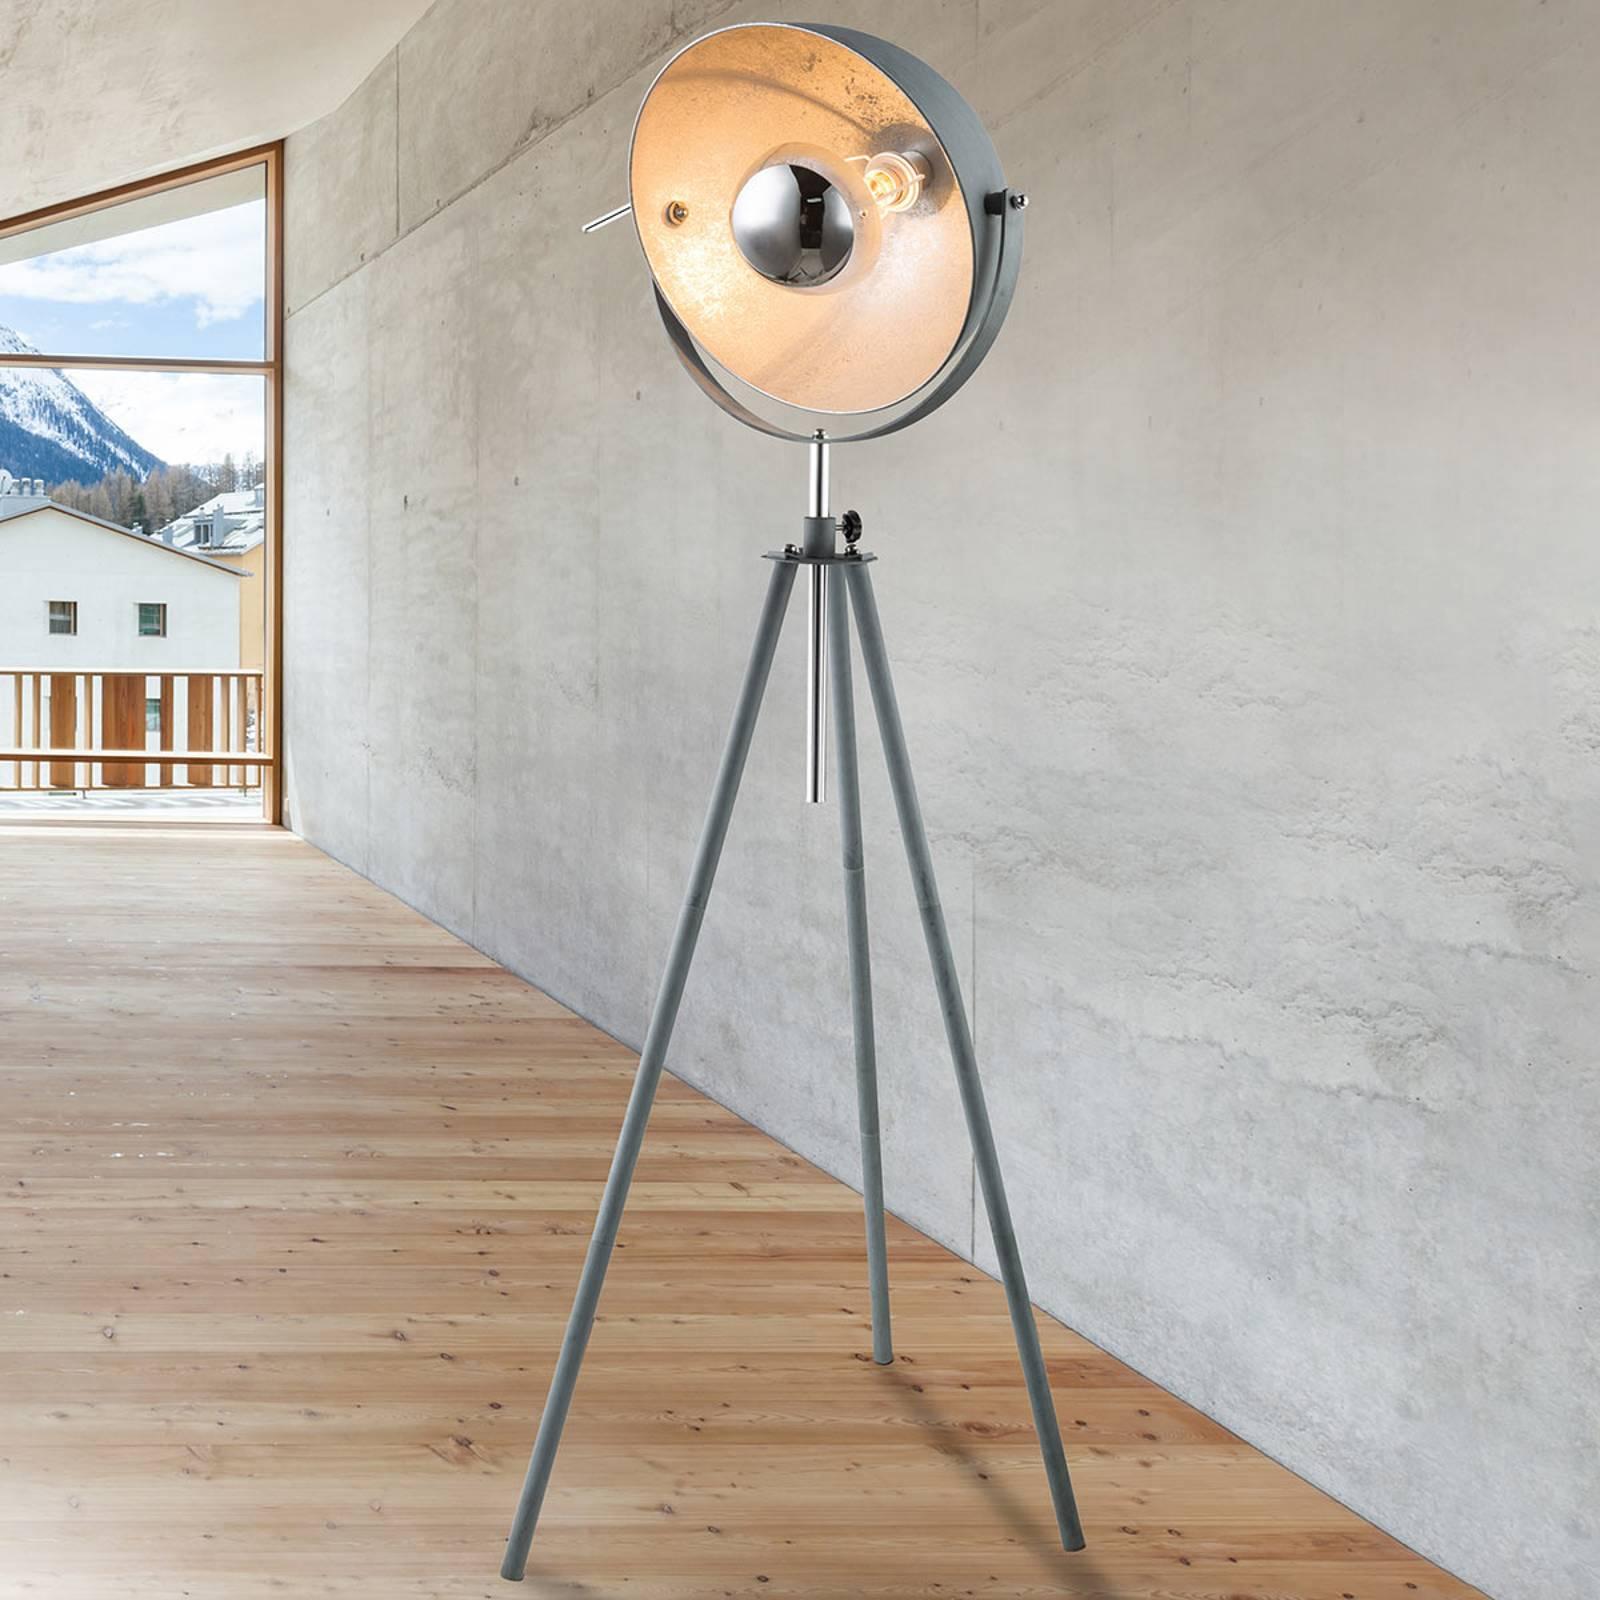 Kolmijalkainen lattiavalaisin Miriam, betonityyli